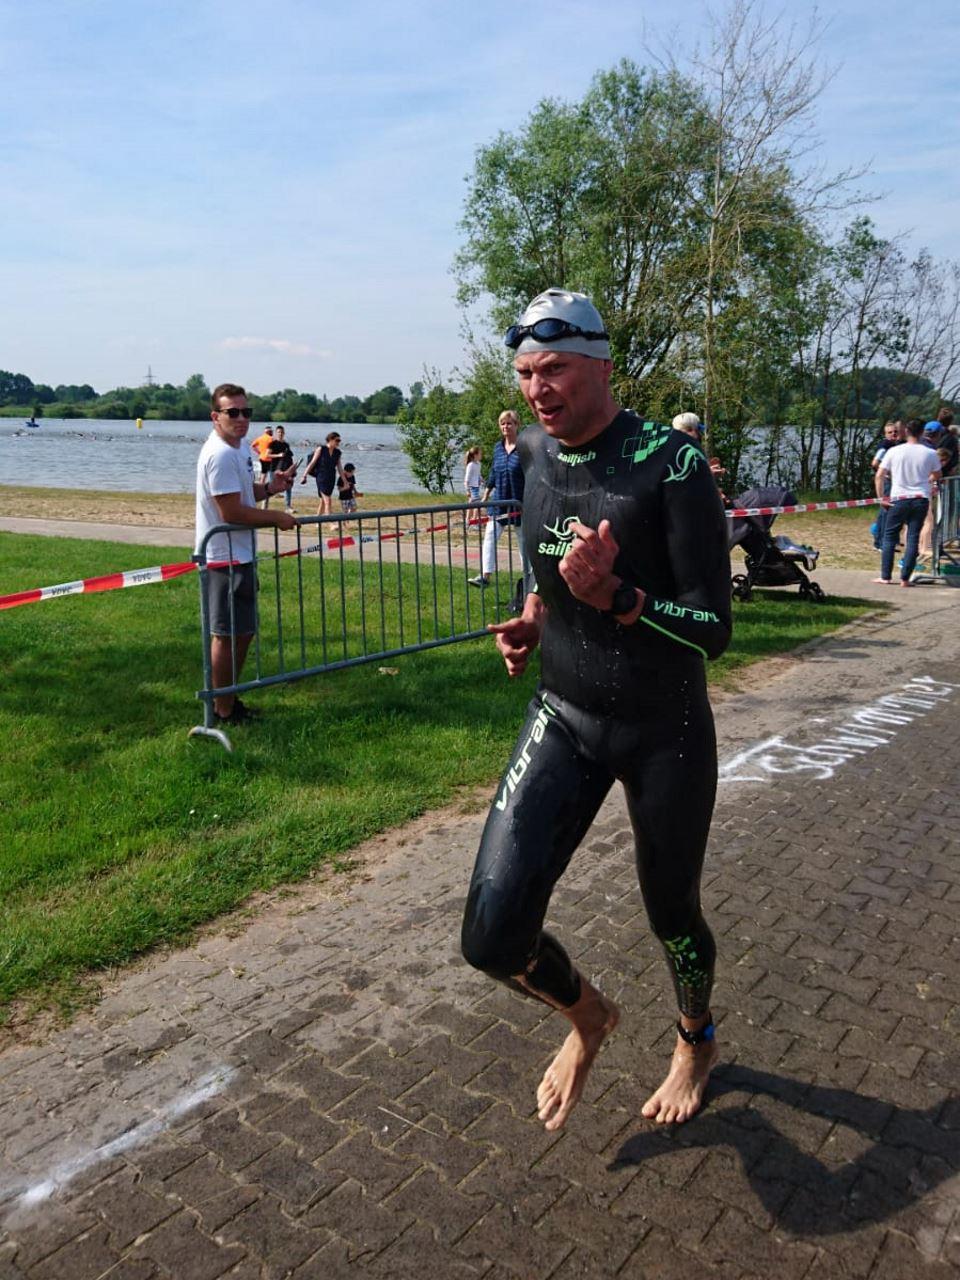 TV Schweinheim Staffel -Sieger beim Kinzigman Triathlon 2019